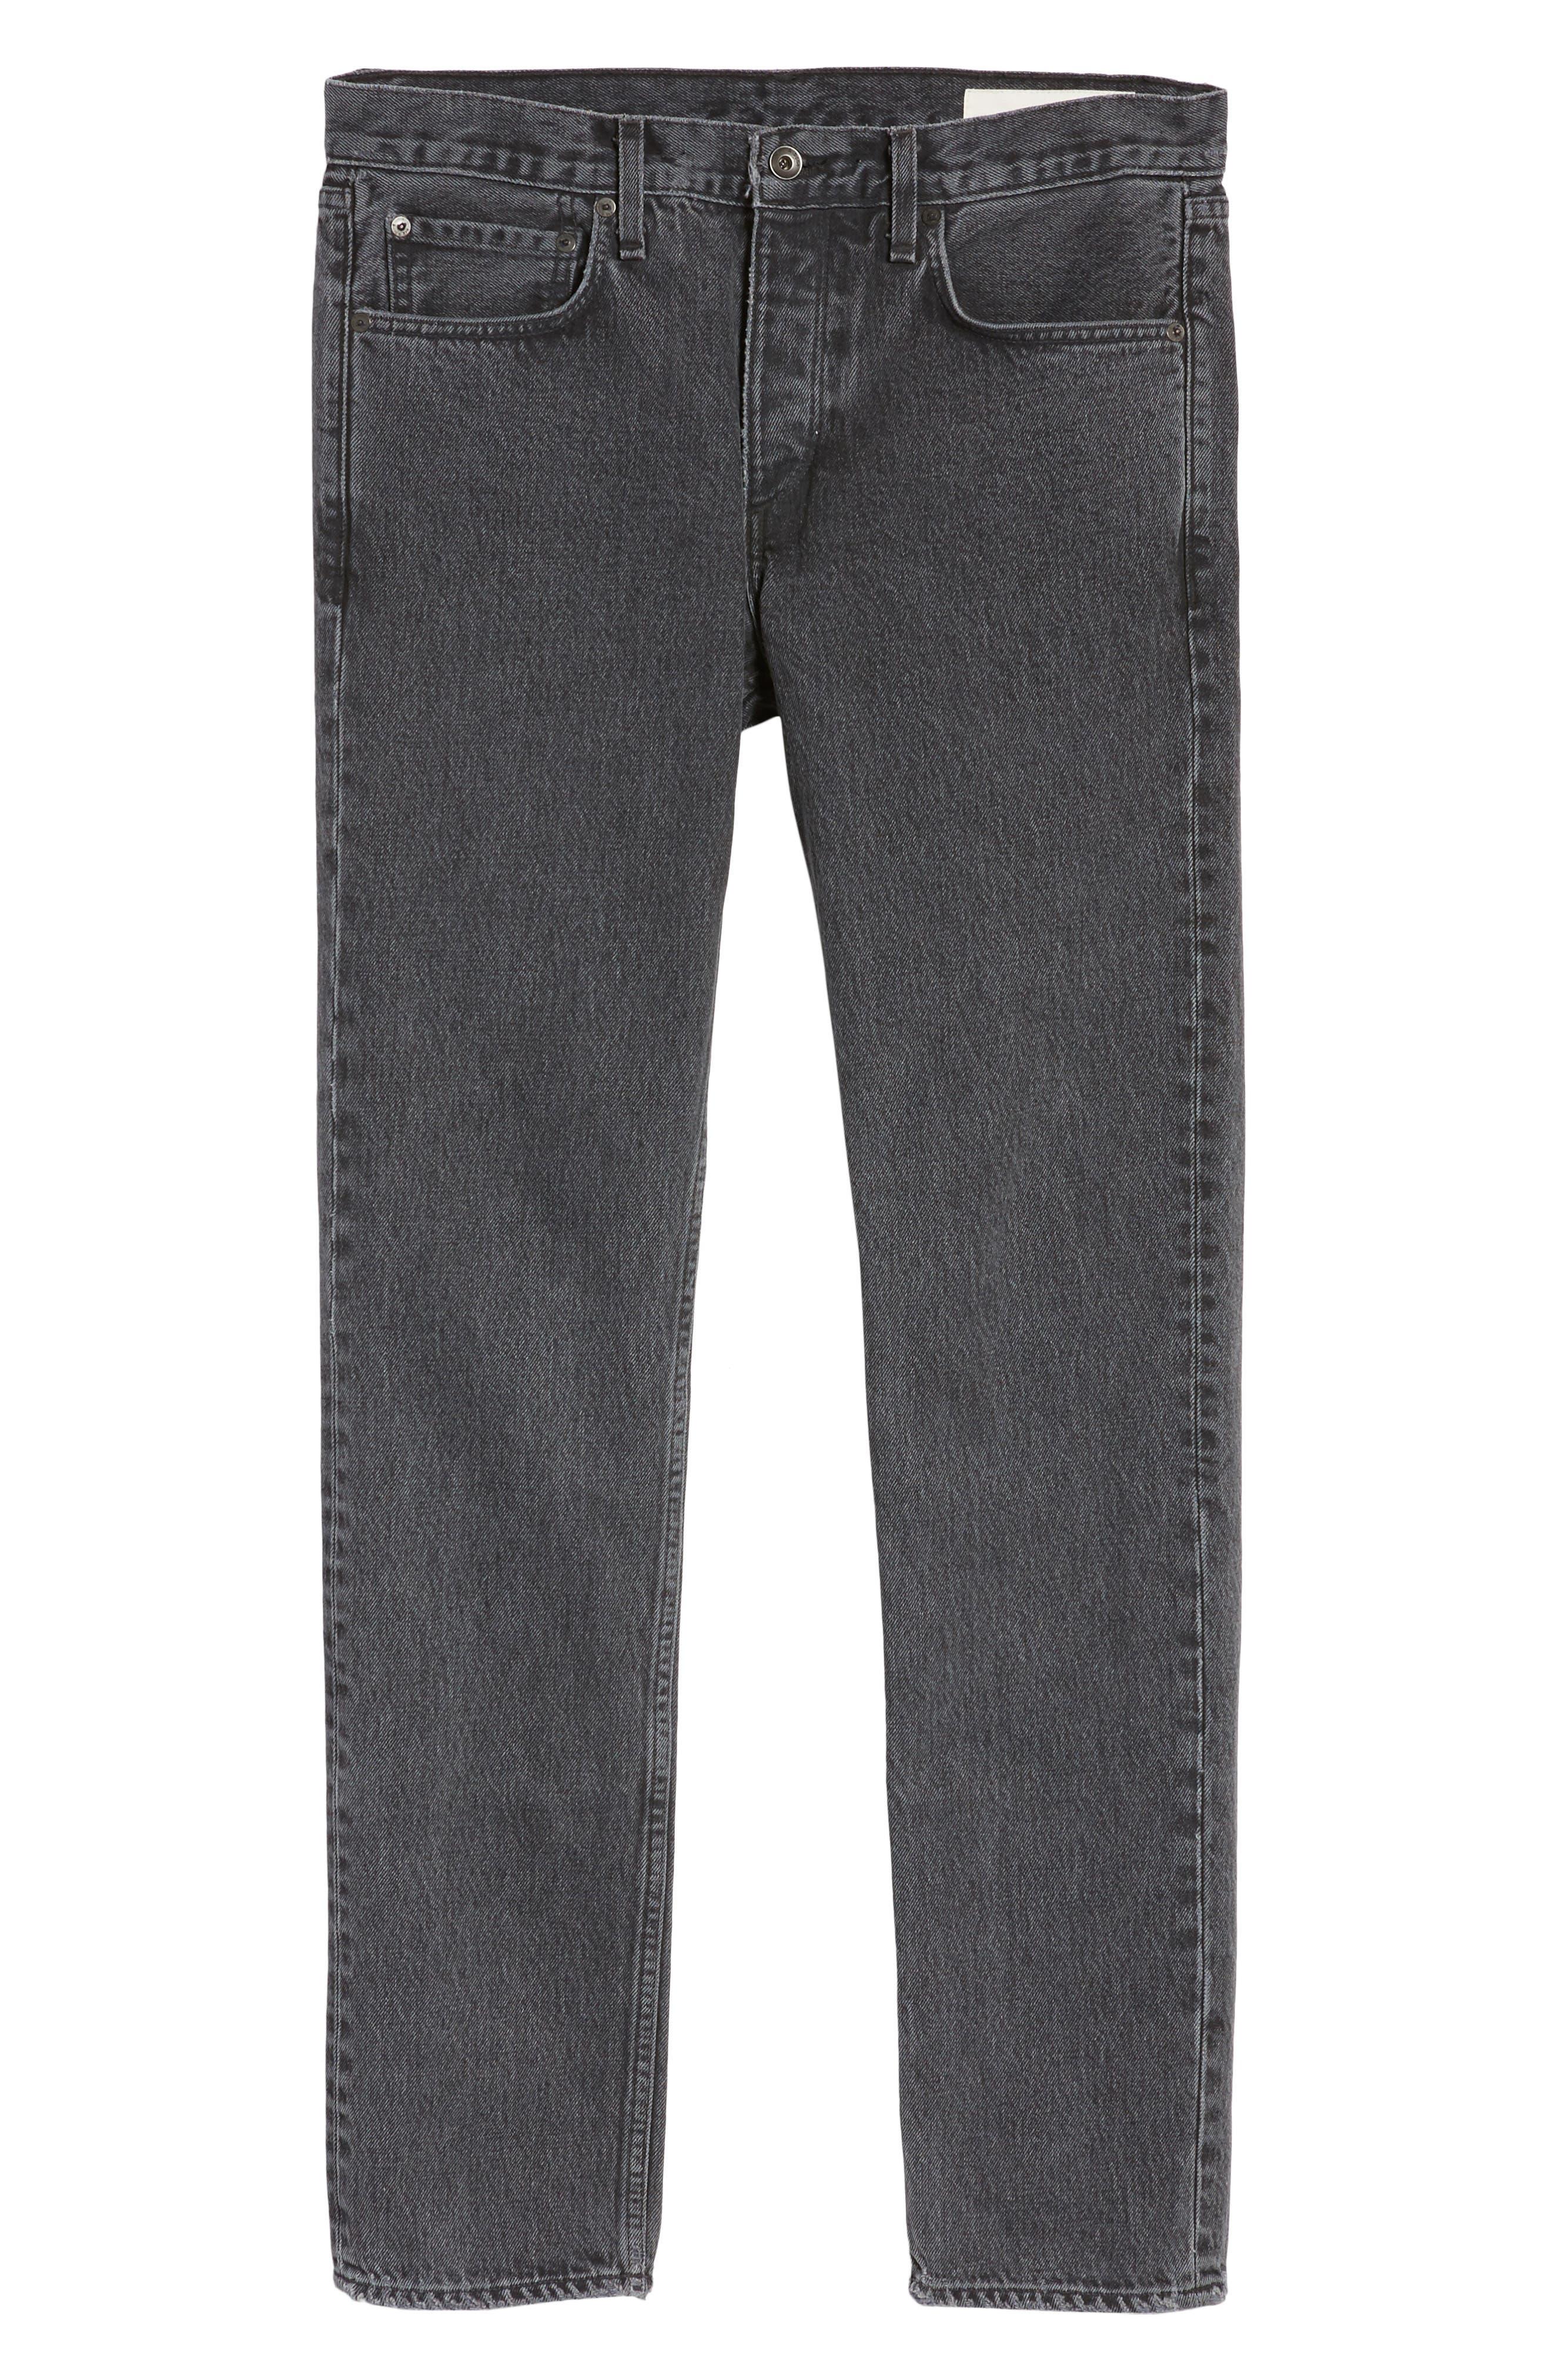 Fit 2 Slim Fit Jeans,                             Alternate thumbnail 6, color,                             001